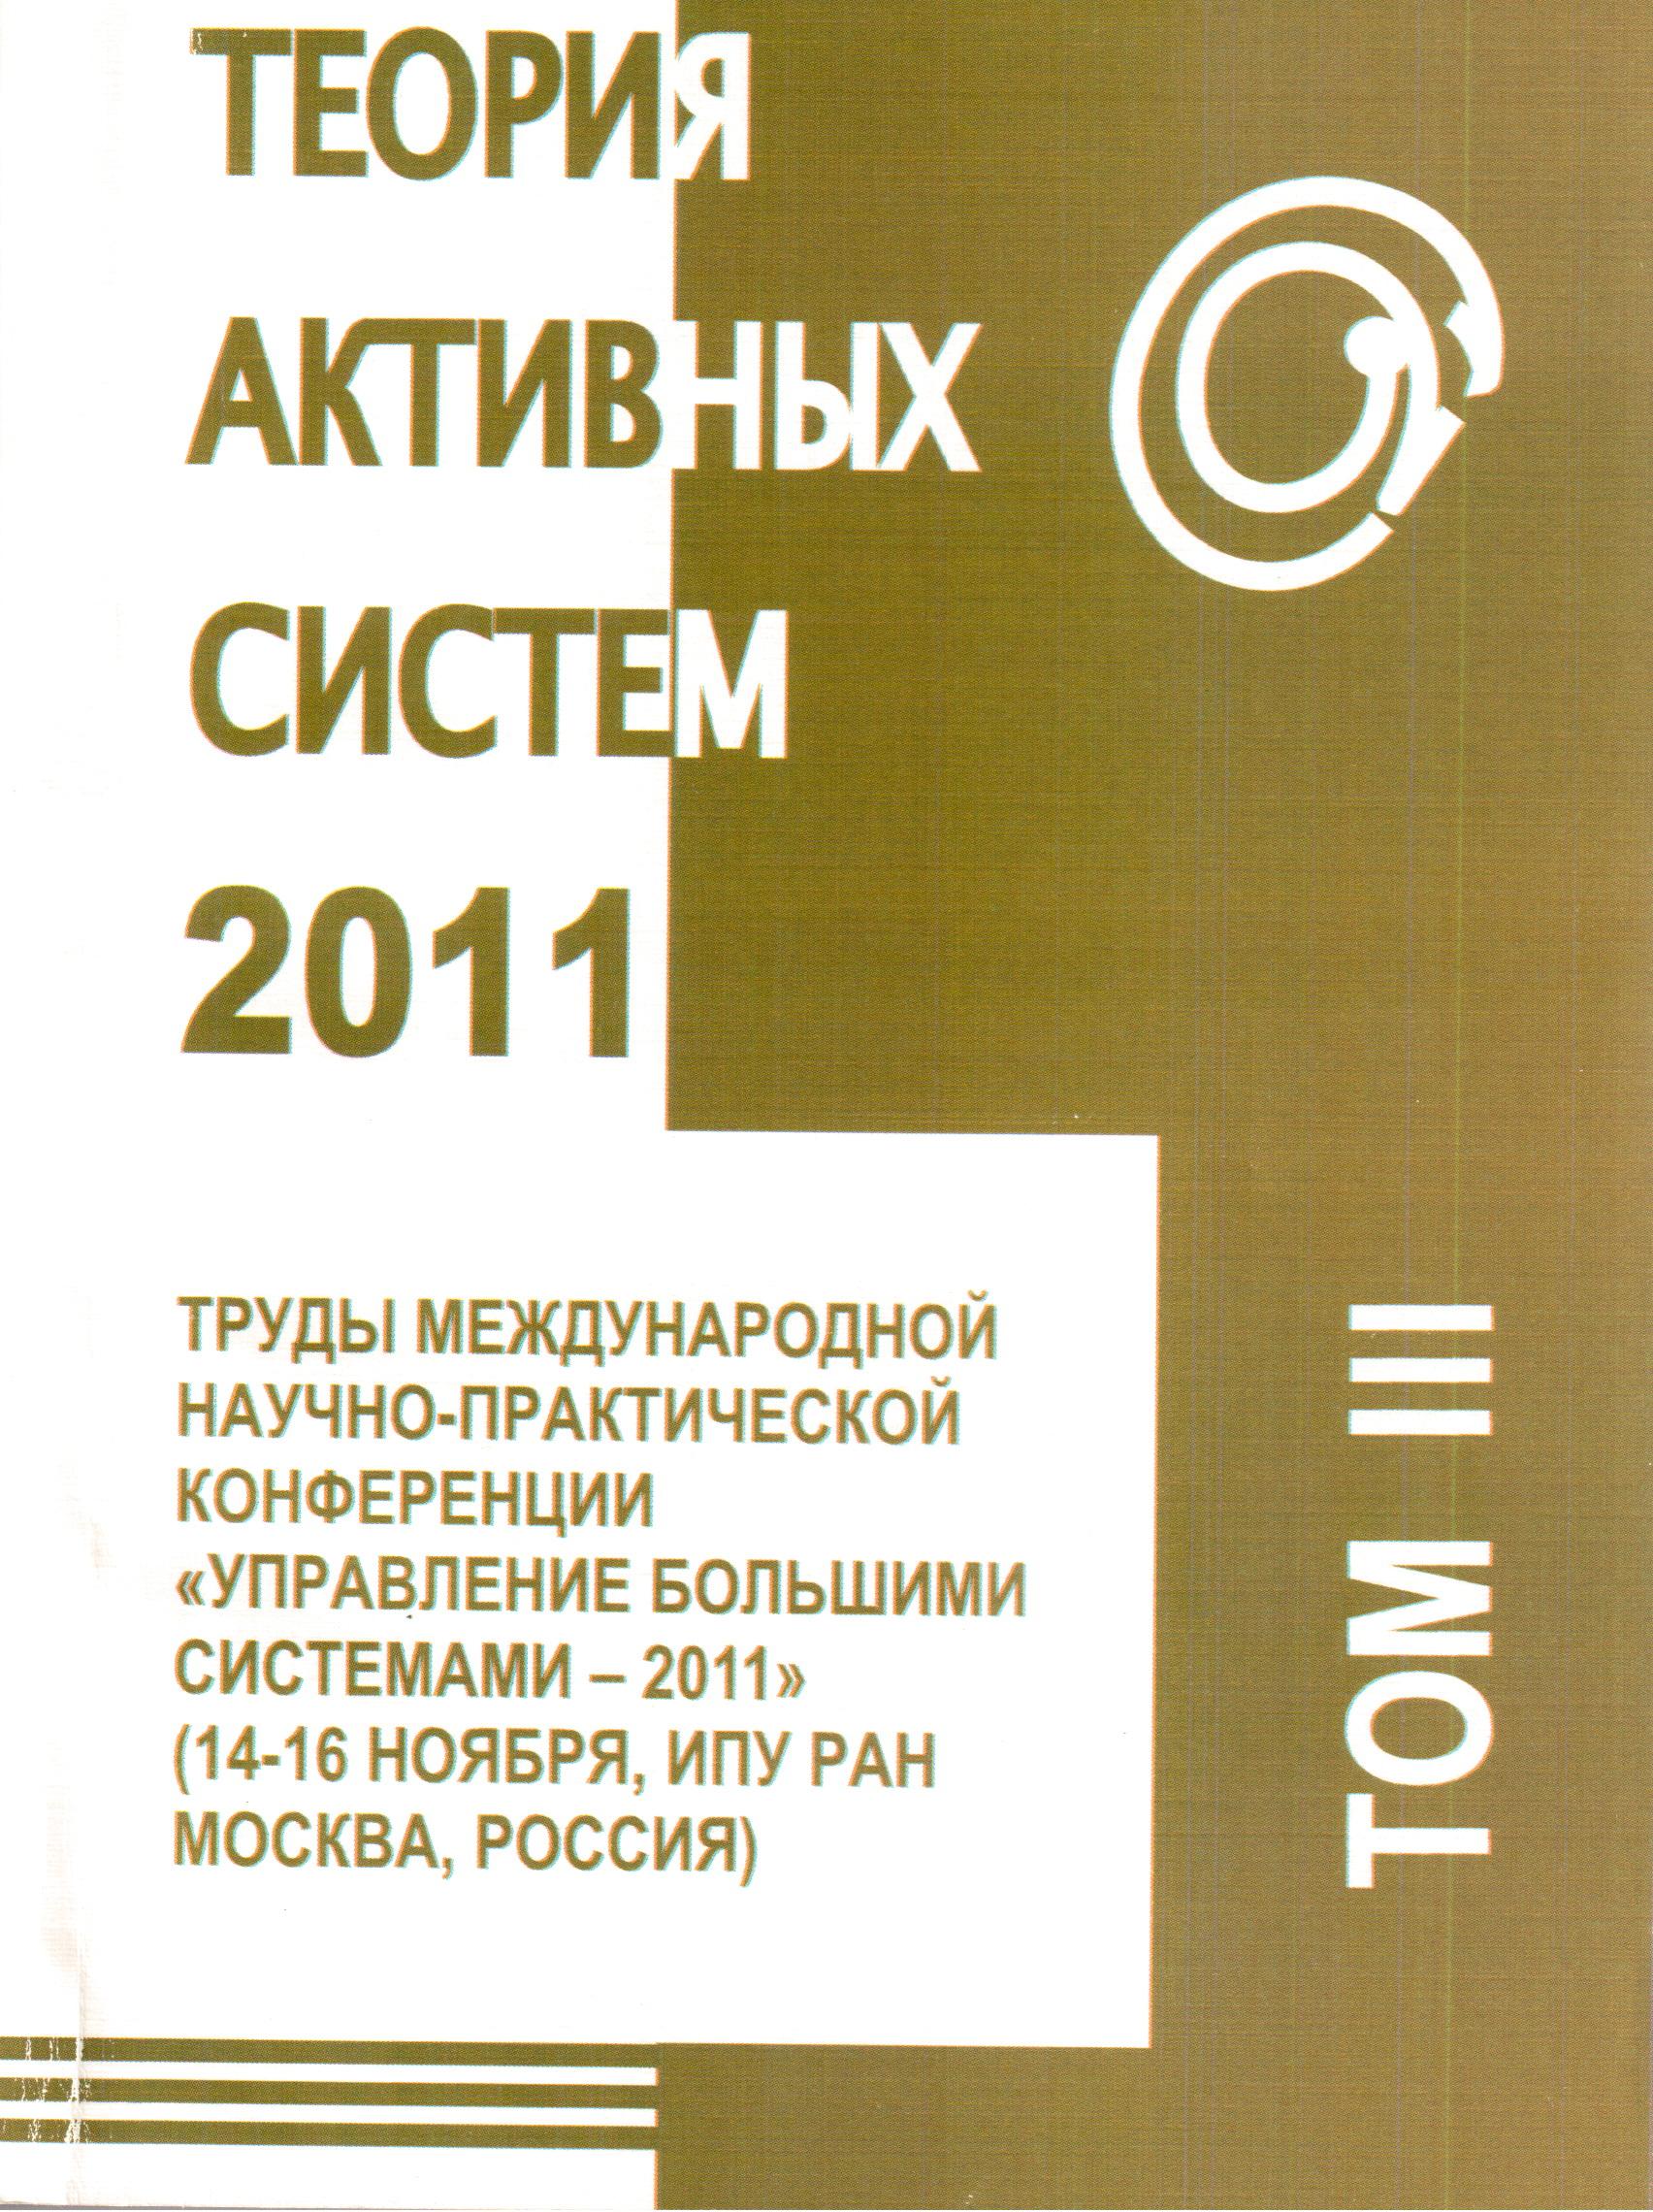 Теория активных систем – 2011. Труды Международной научно-практической конференции